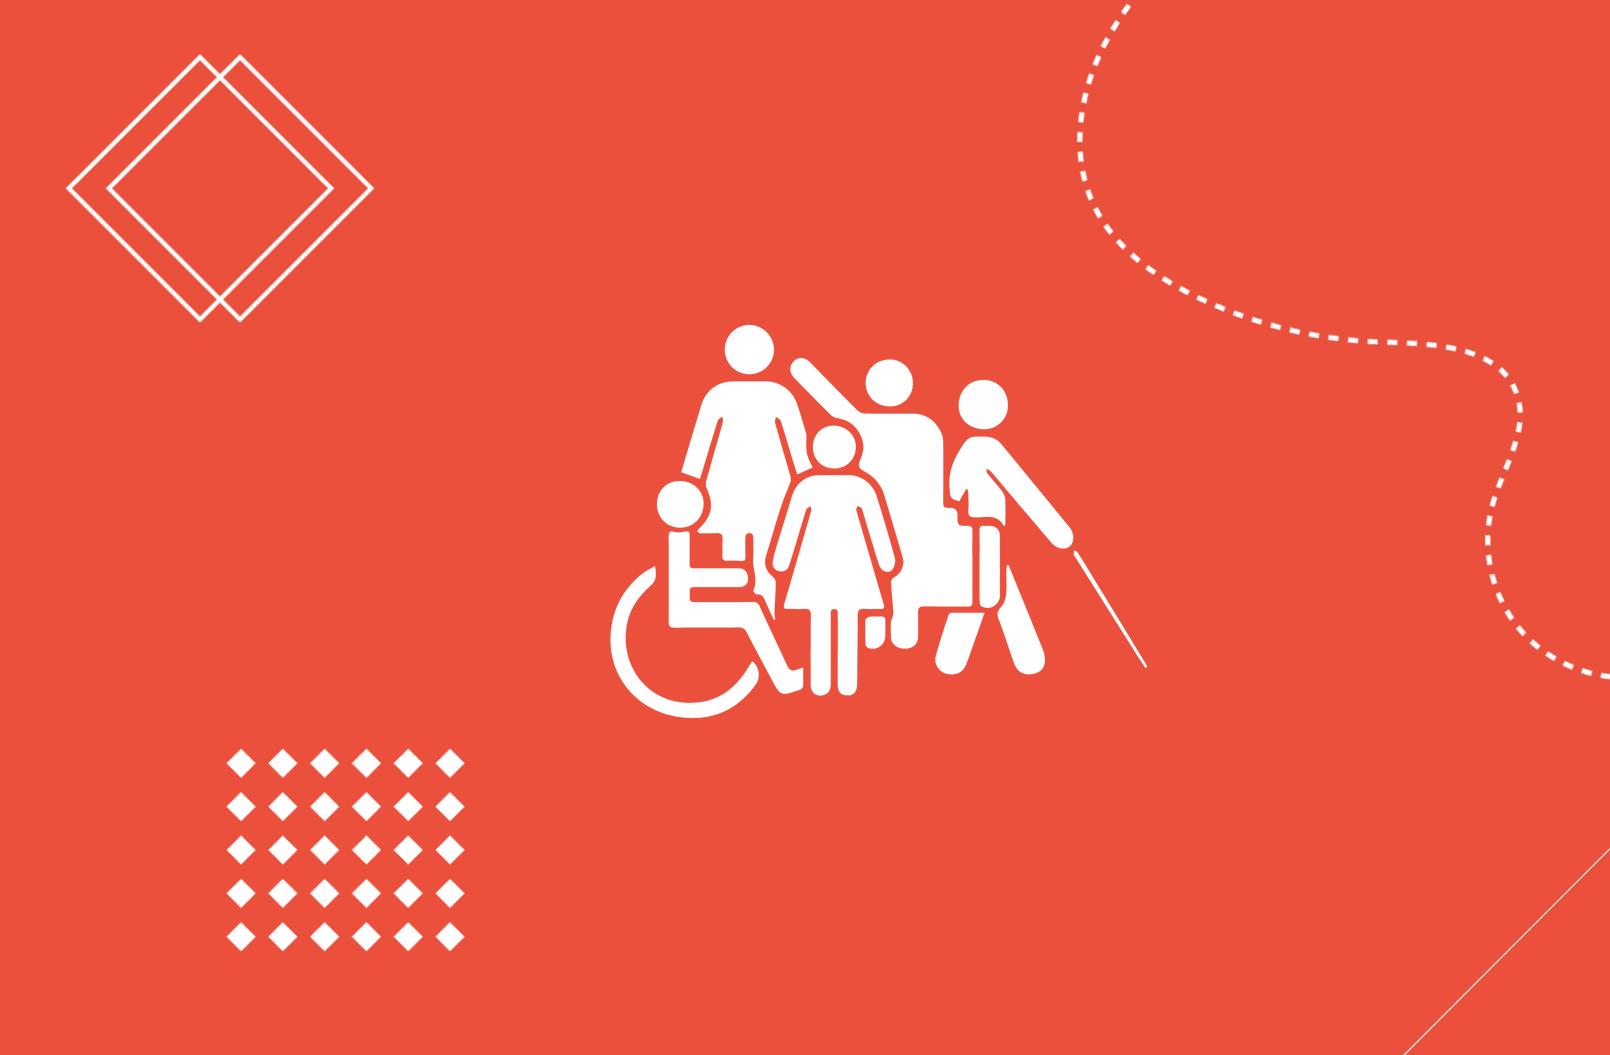 De cada 7 personas 1 tiene discapacidad